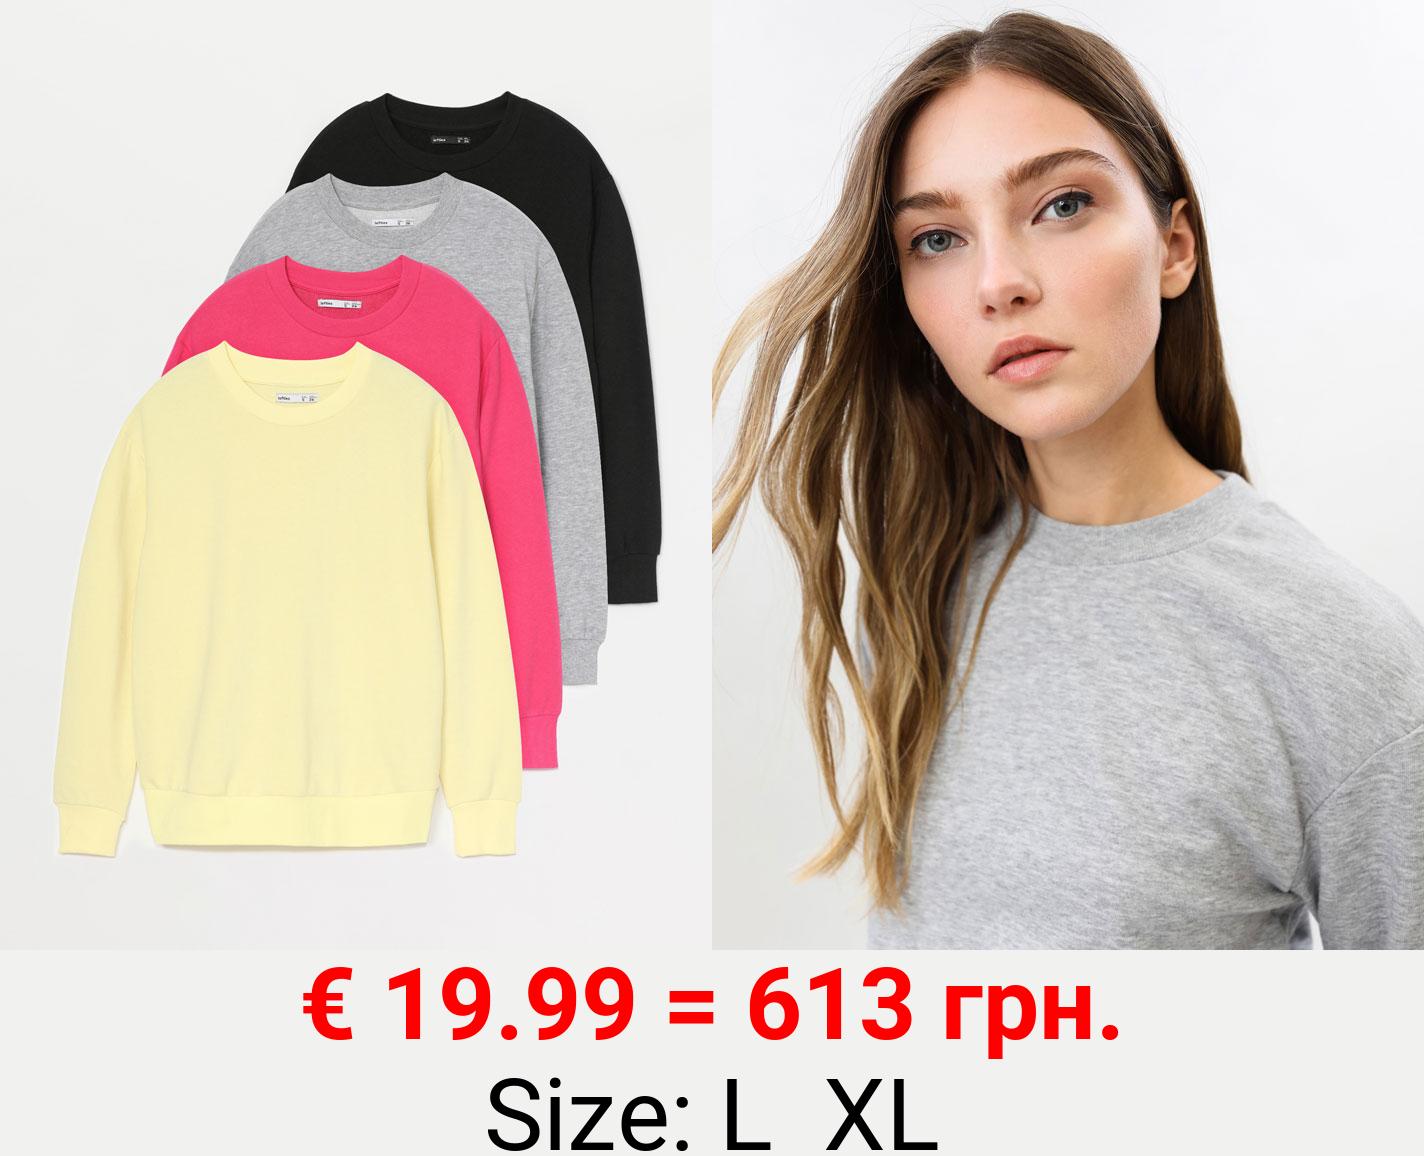 Pack of 4 basic sweatshirts